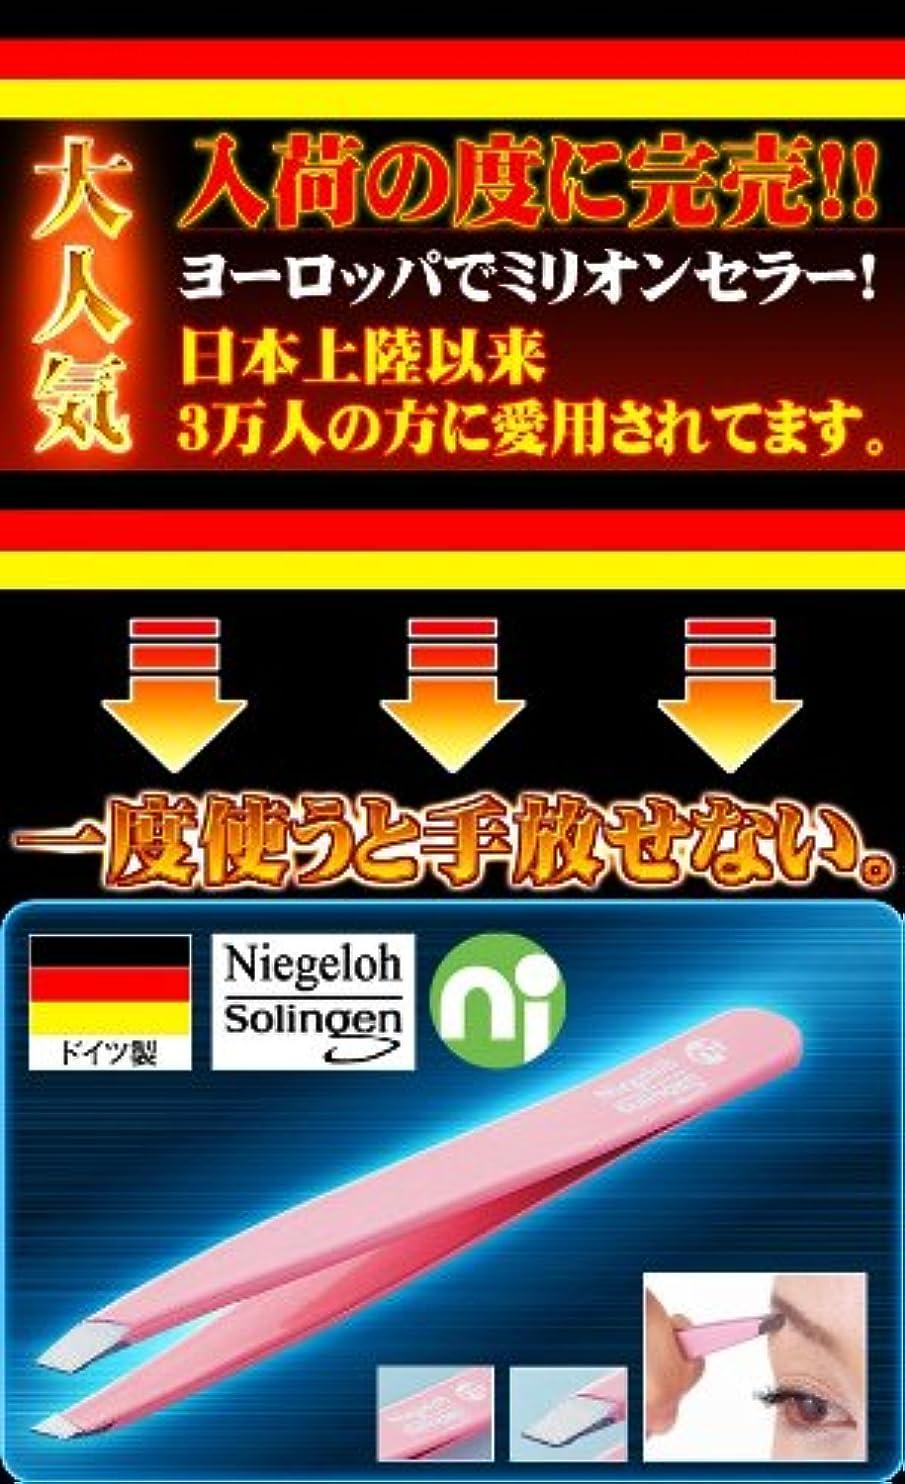 アンカー散歩刃ドイツ ゾーリンゲンNiegeloh(ニゲロ社)のツイザー